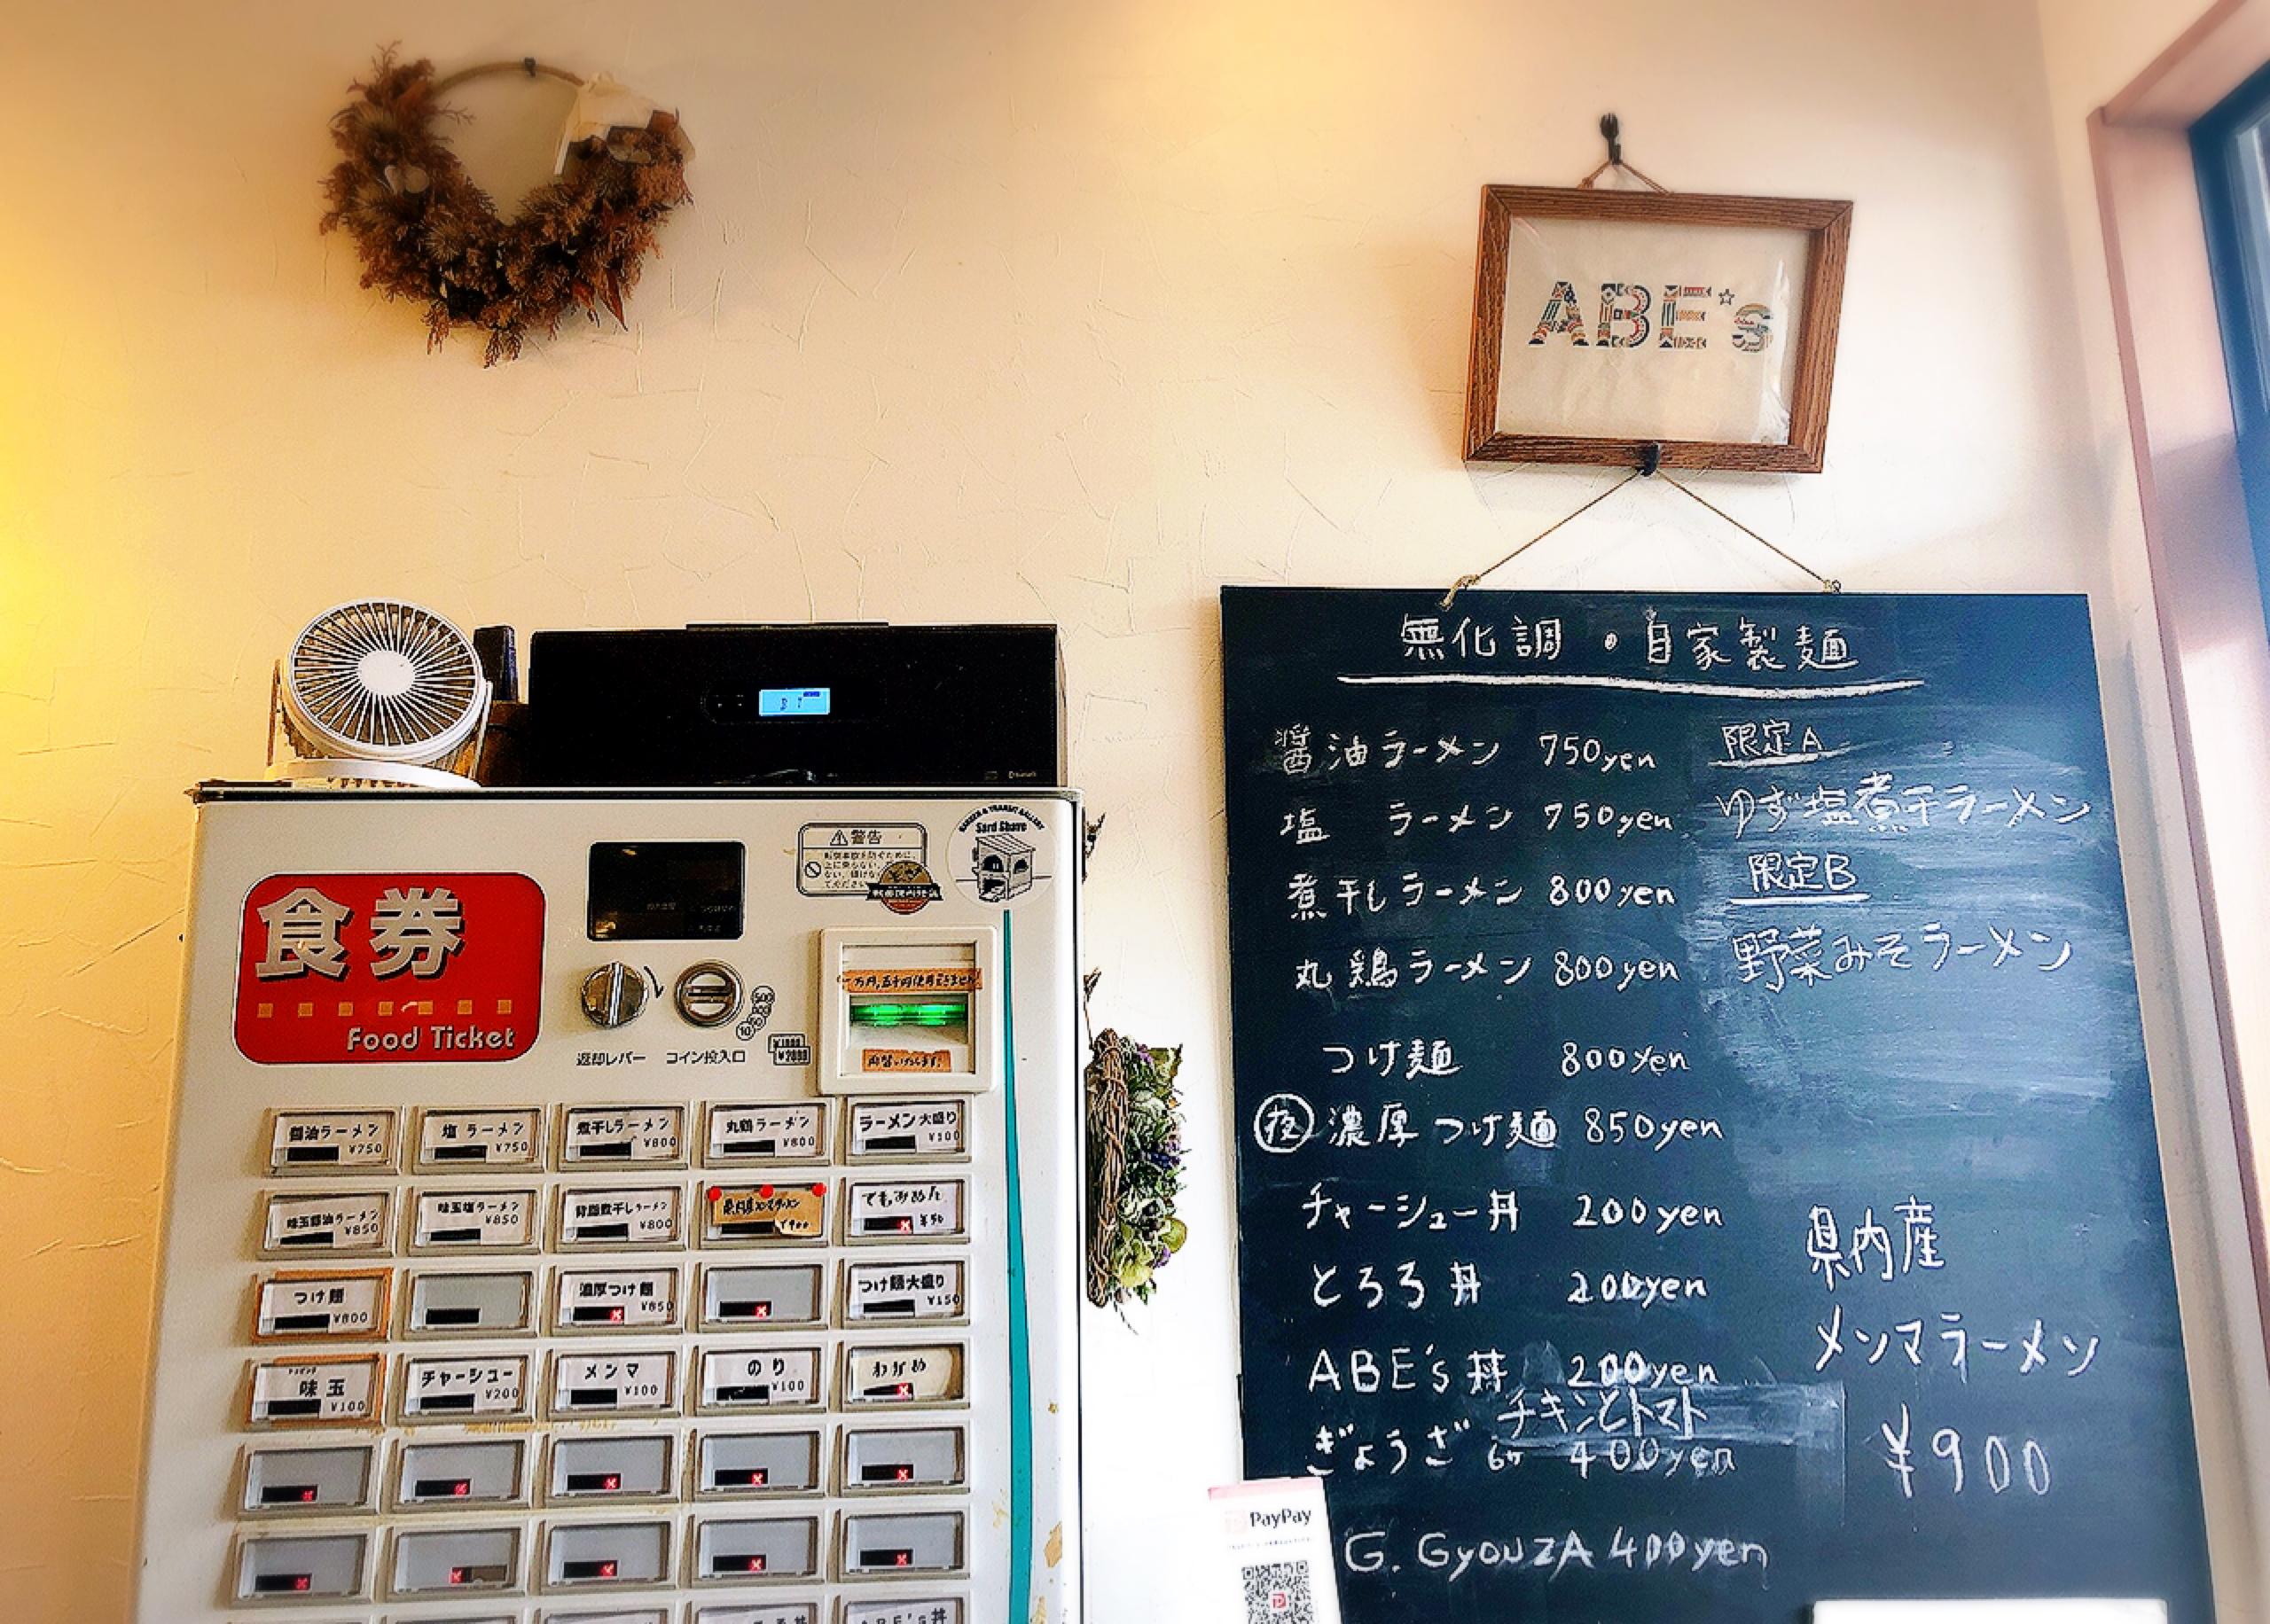 【#静岡】大人気のラーメン屋さんABE's♡煮干しラーメンが絶品( ´ ▽ ` )!_2